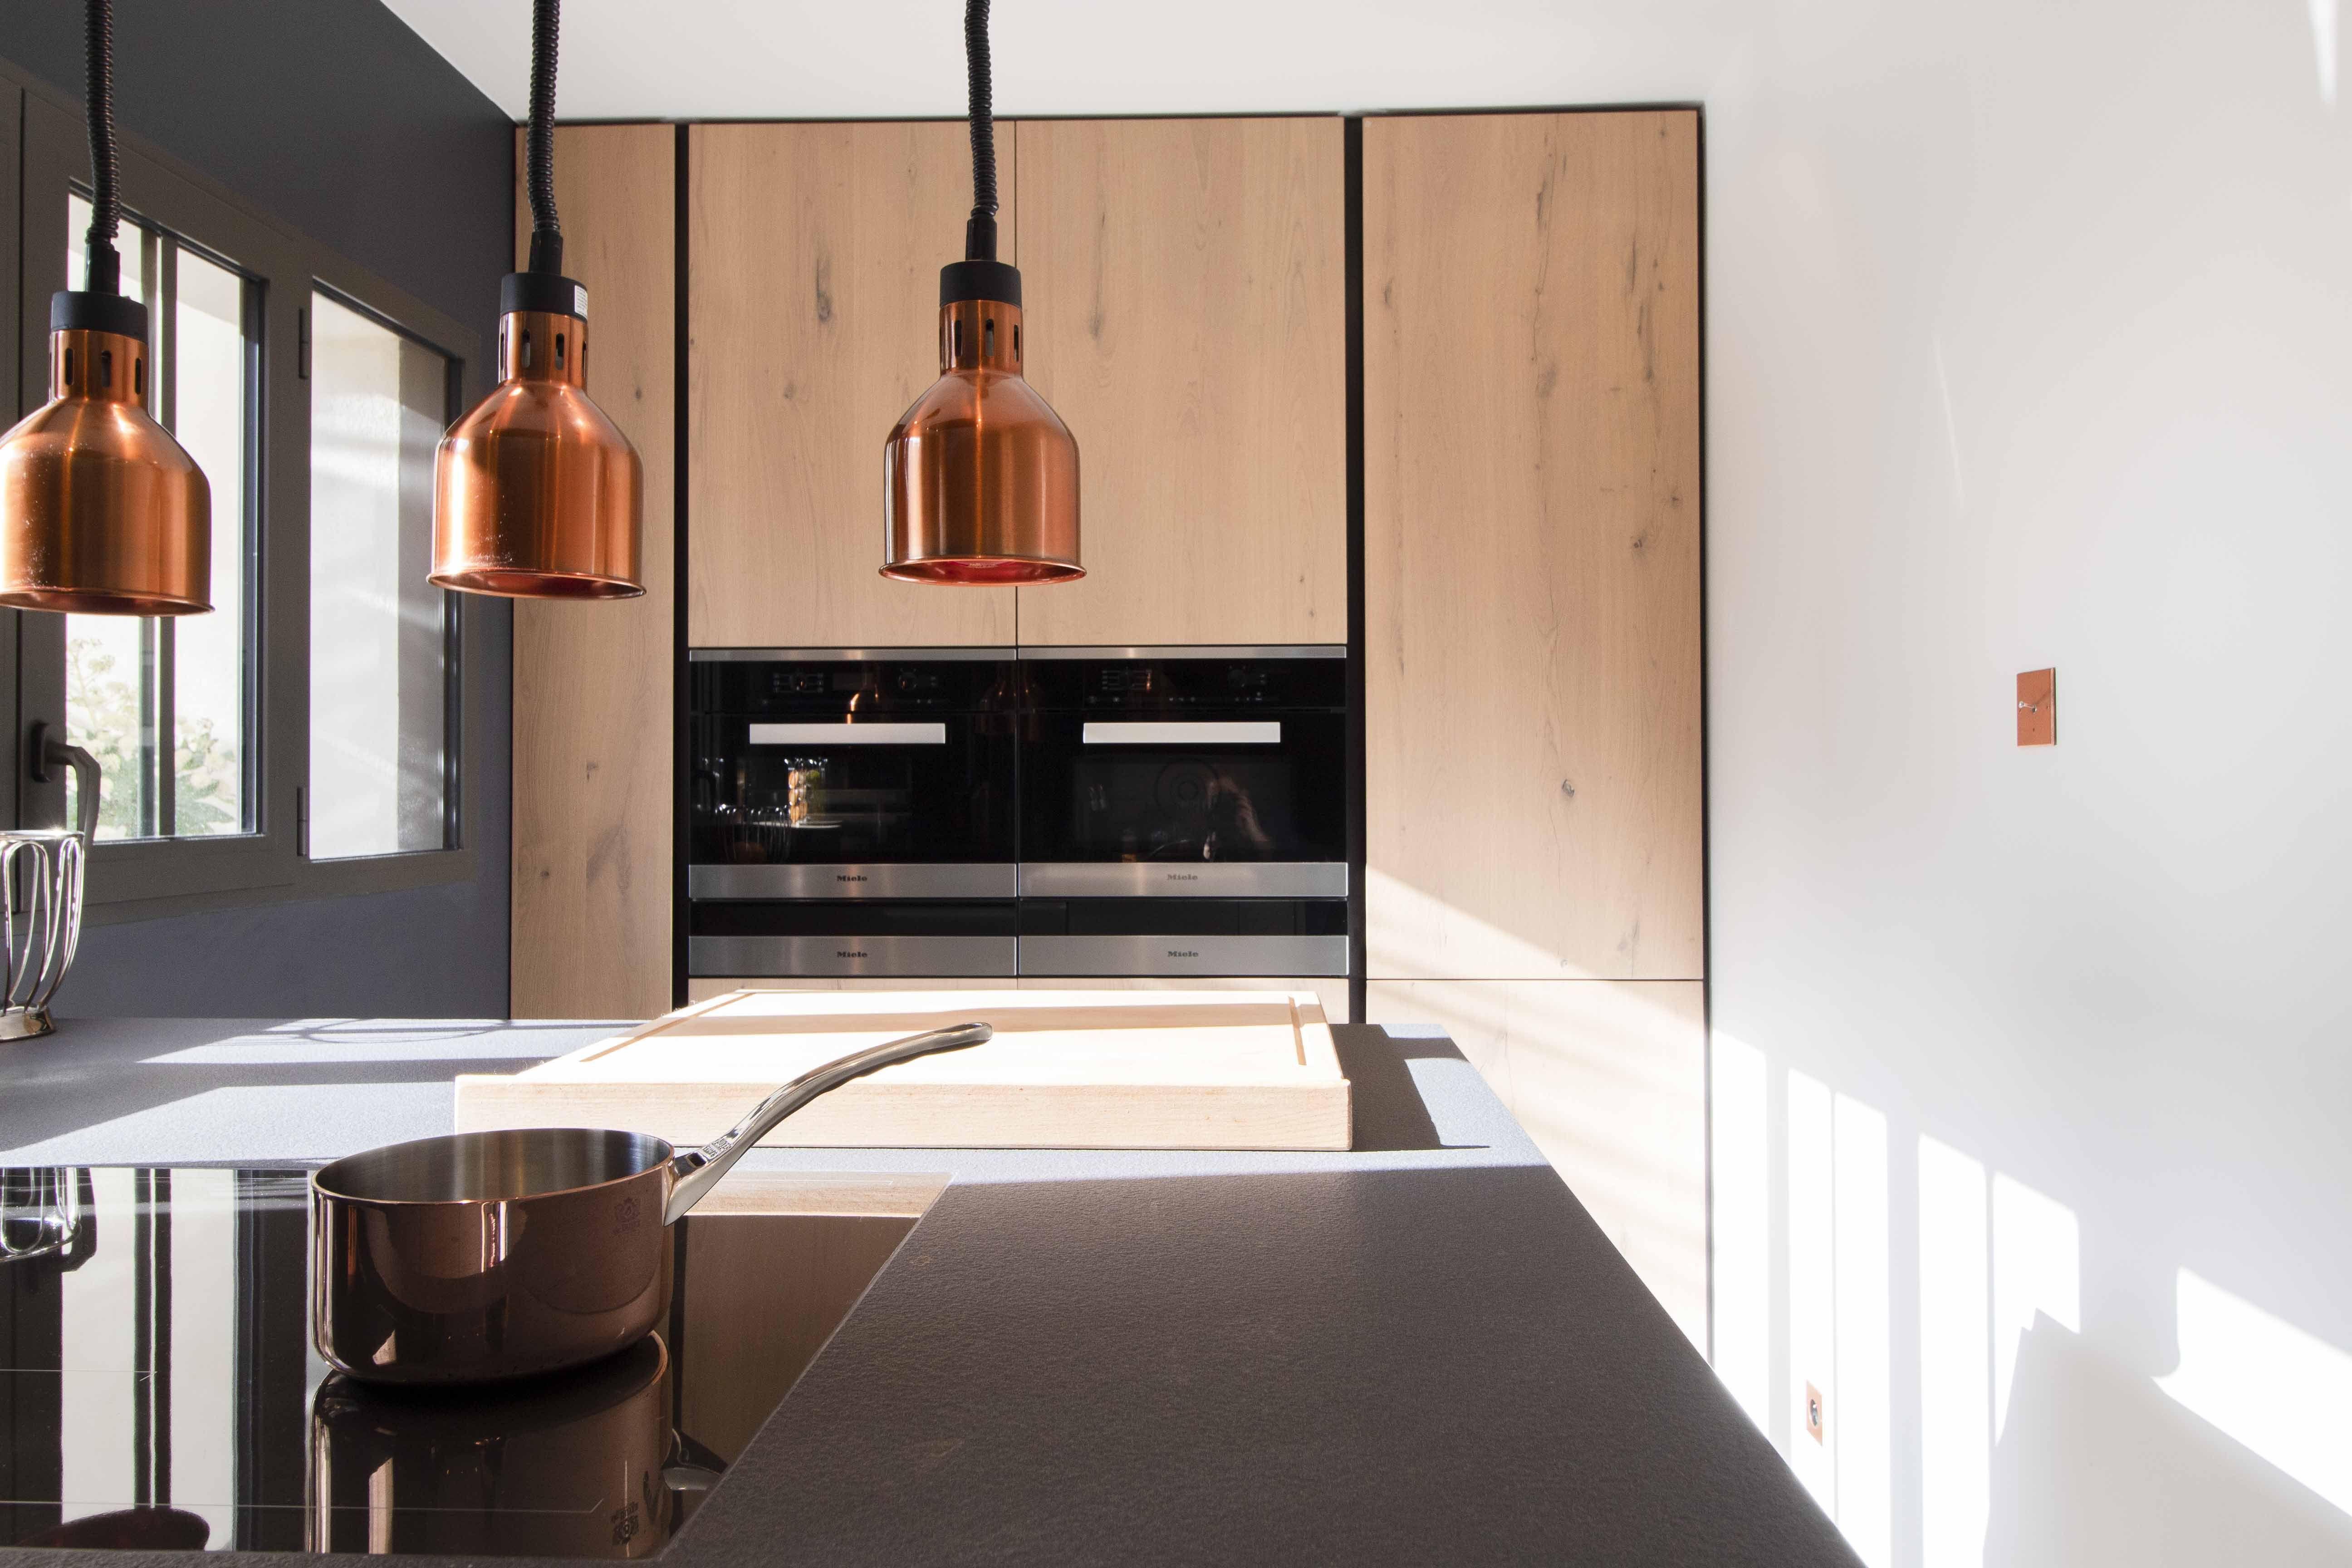 Architecte Interieur La Rochelle cuisine bois laque et cuivre - architecture et décoration d